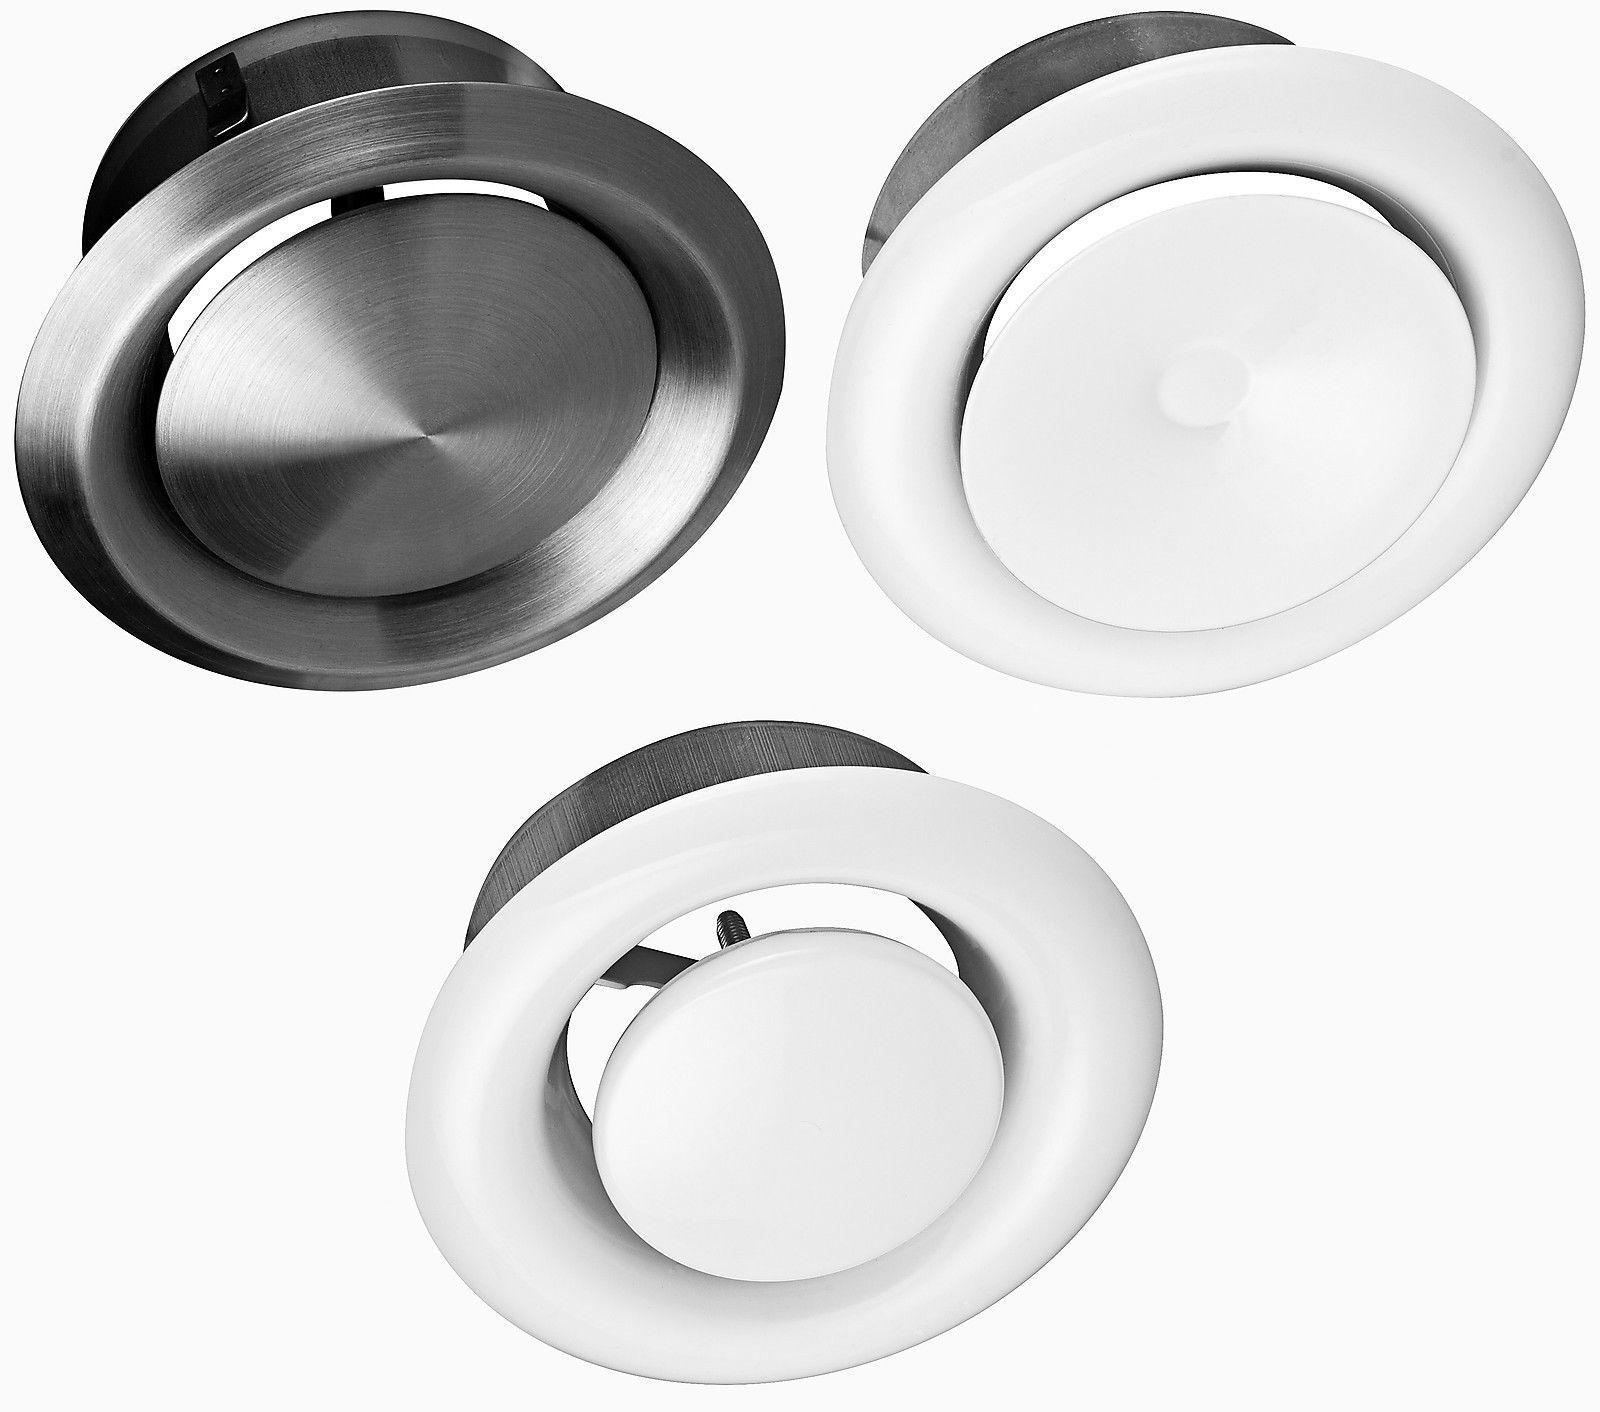 ZULUFT ABLUFT Tellerventil Ø 80 100 125 150 200 mm Anemostat Deckenventil Metall